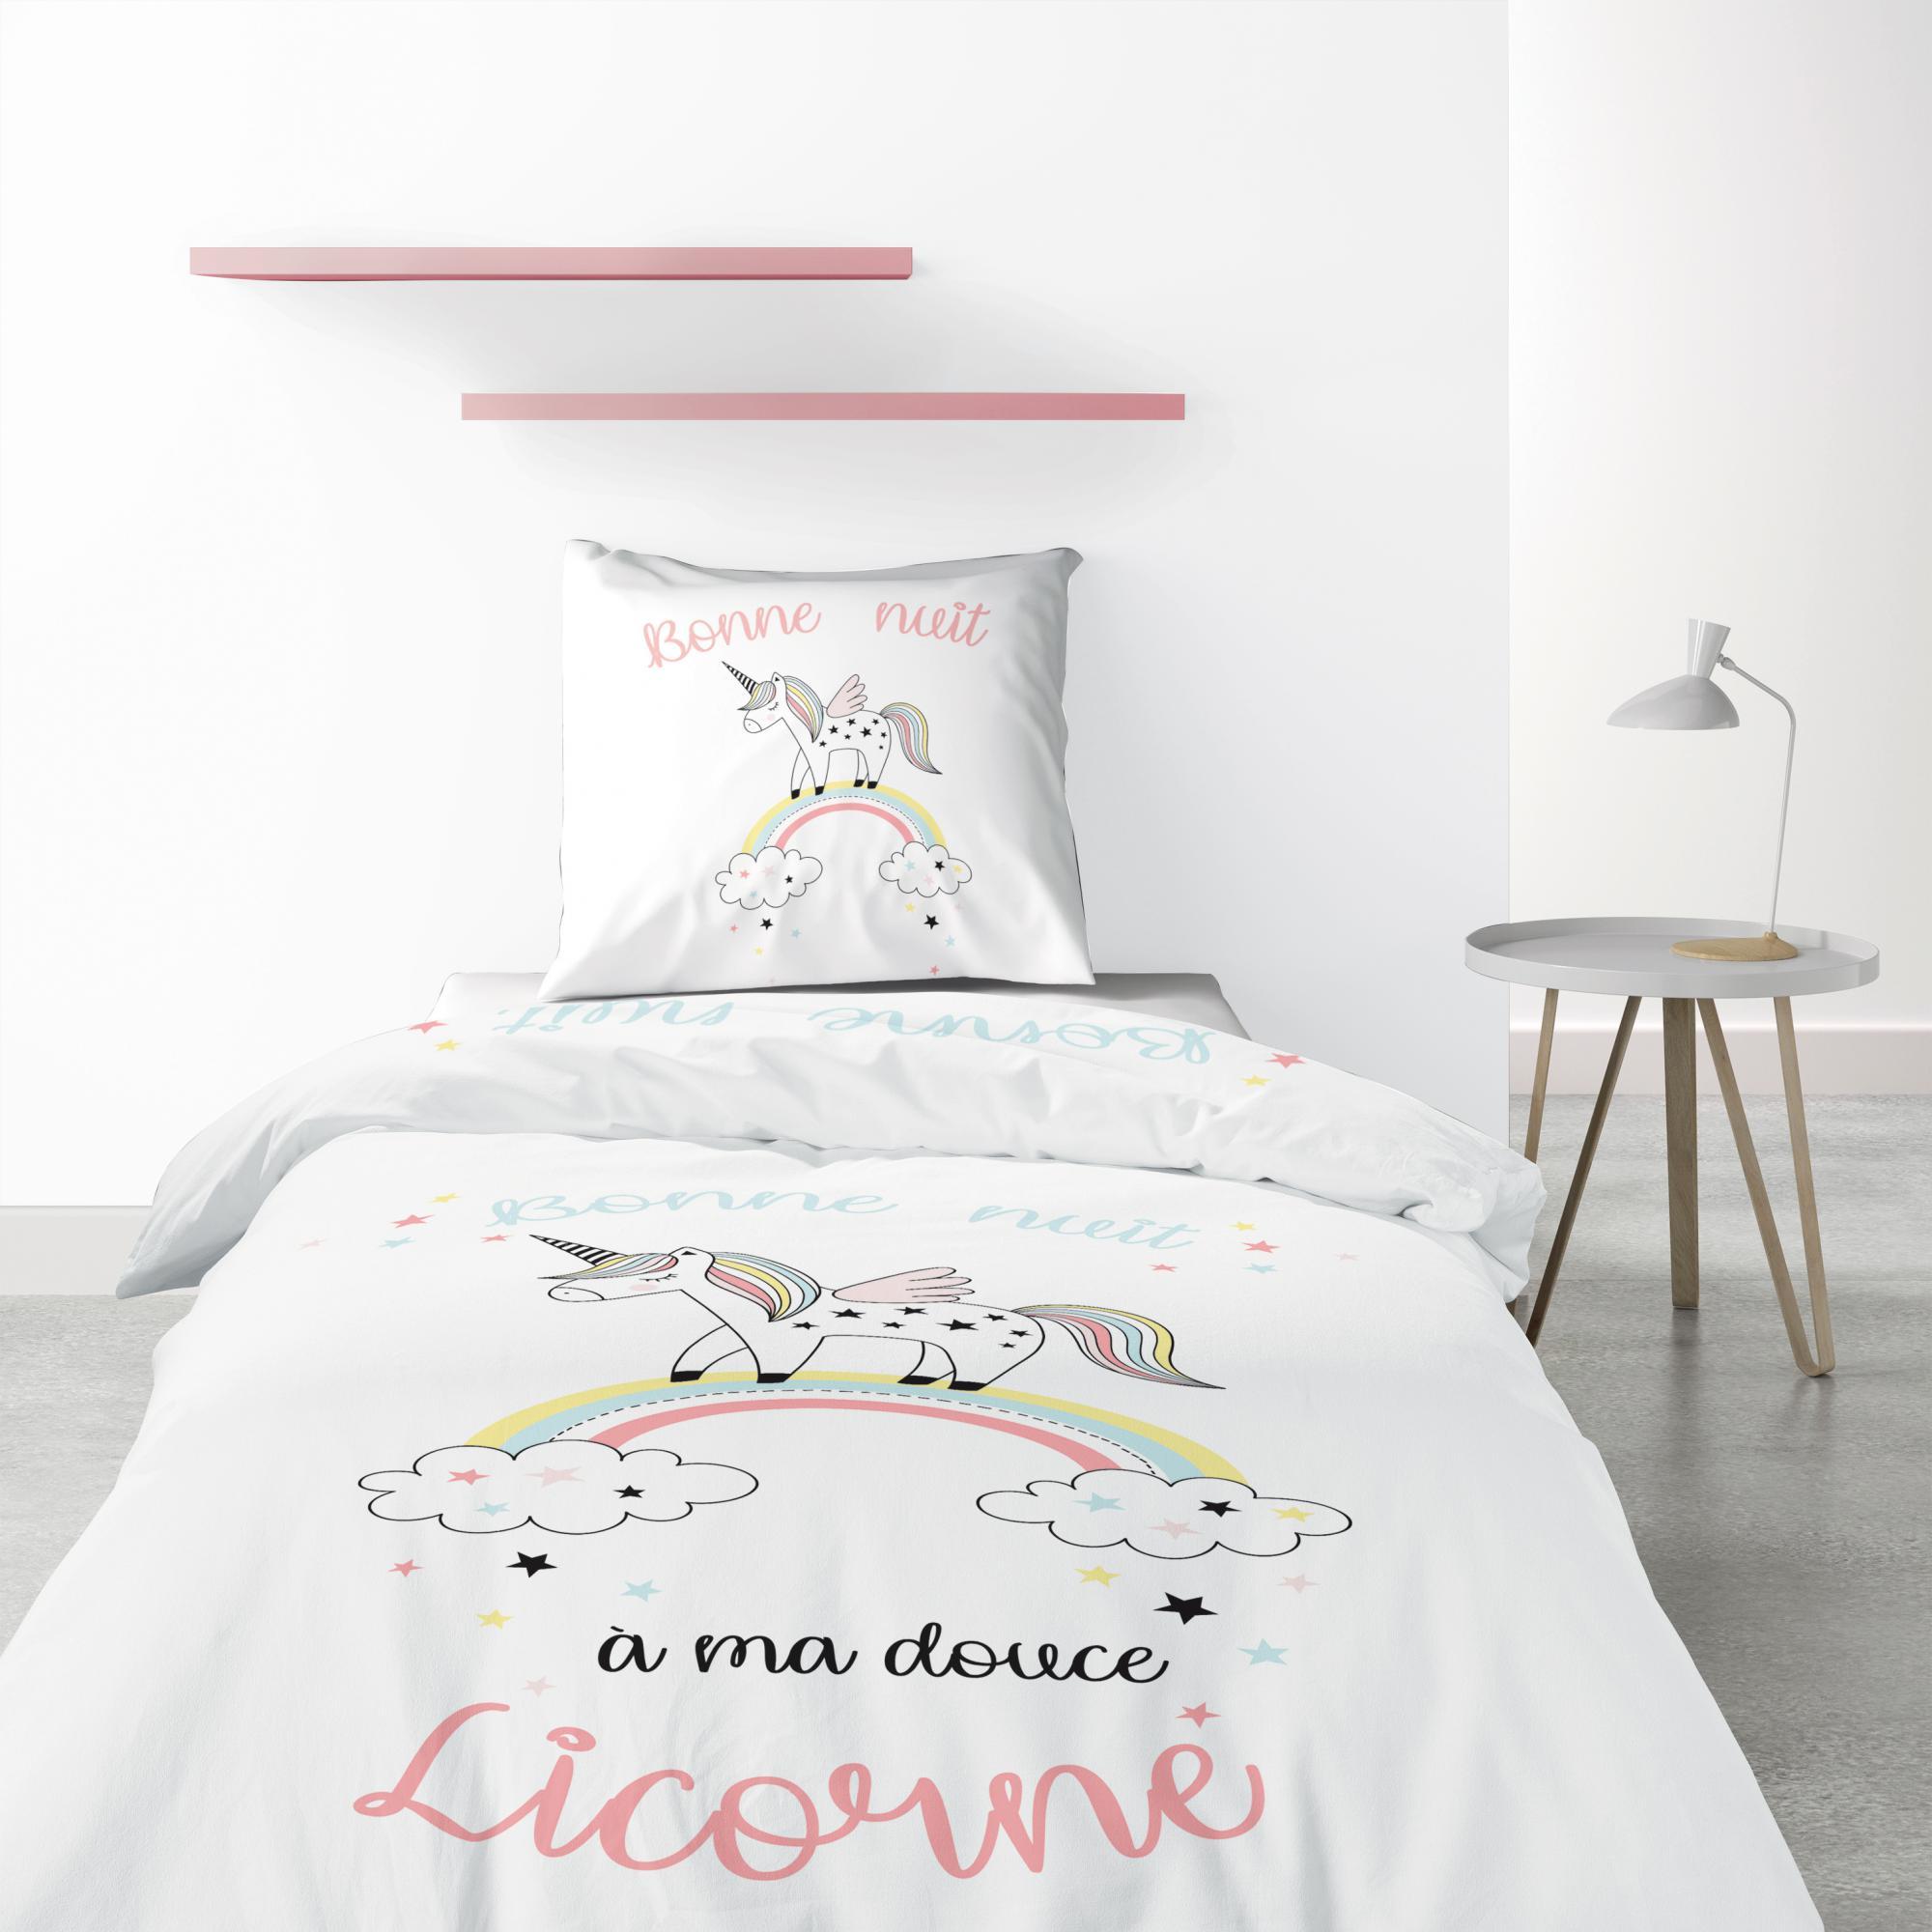 Parure de lit 1 personne Majesty avec housse de couette et taie d'oreiller Imprimé 140 x 200